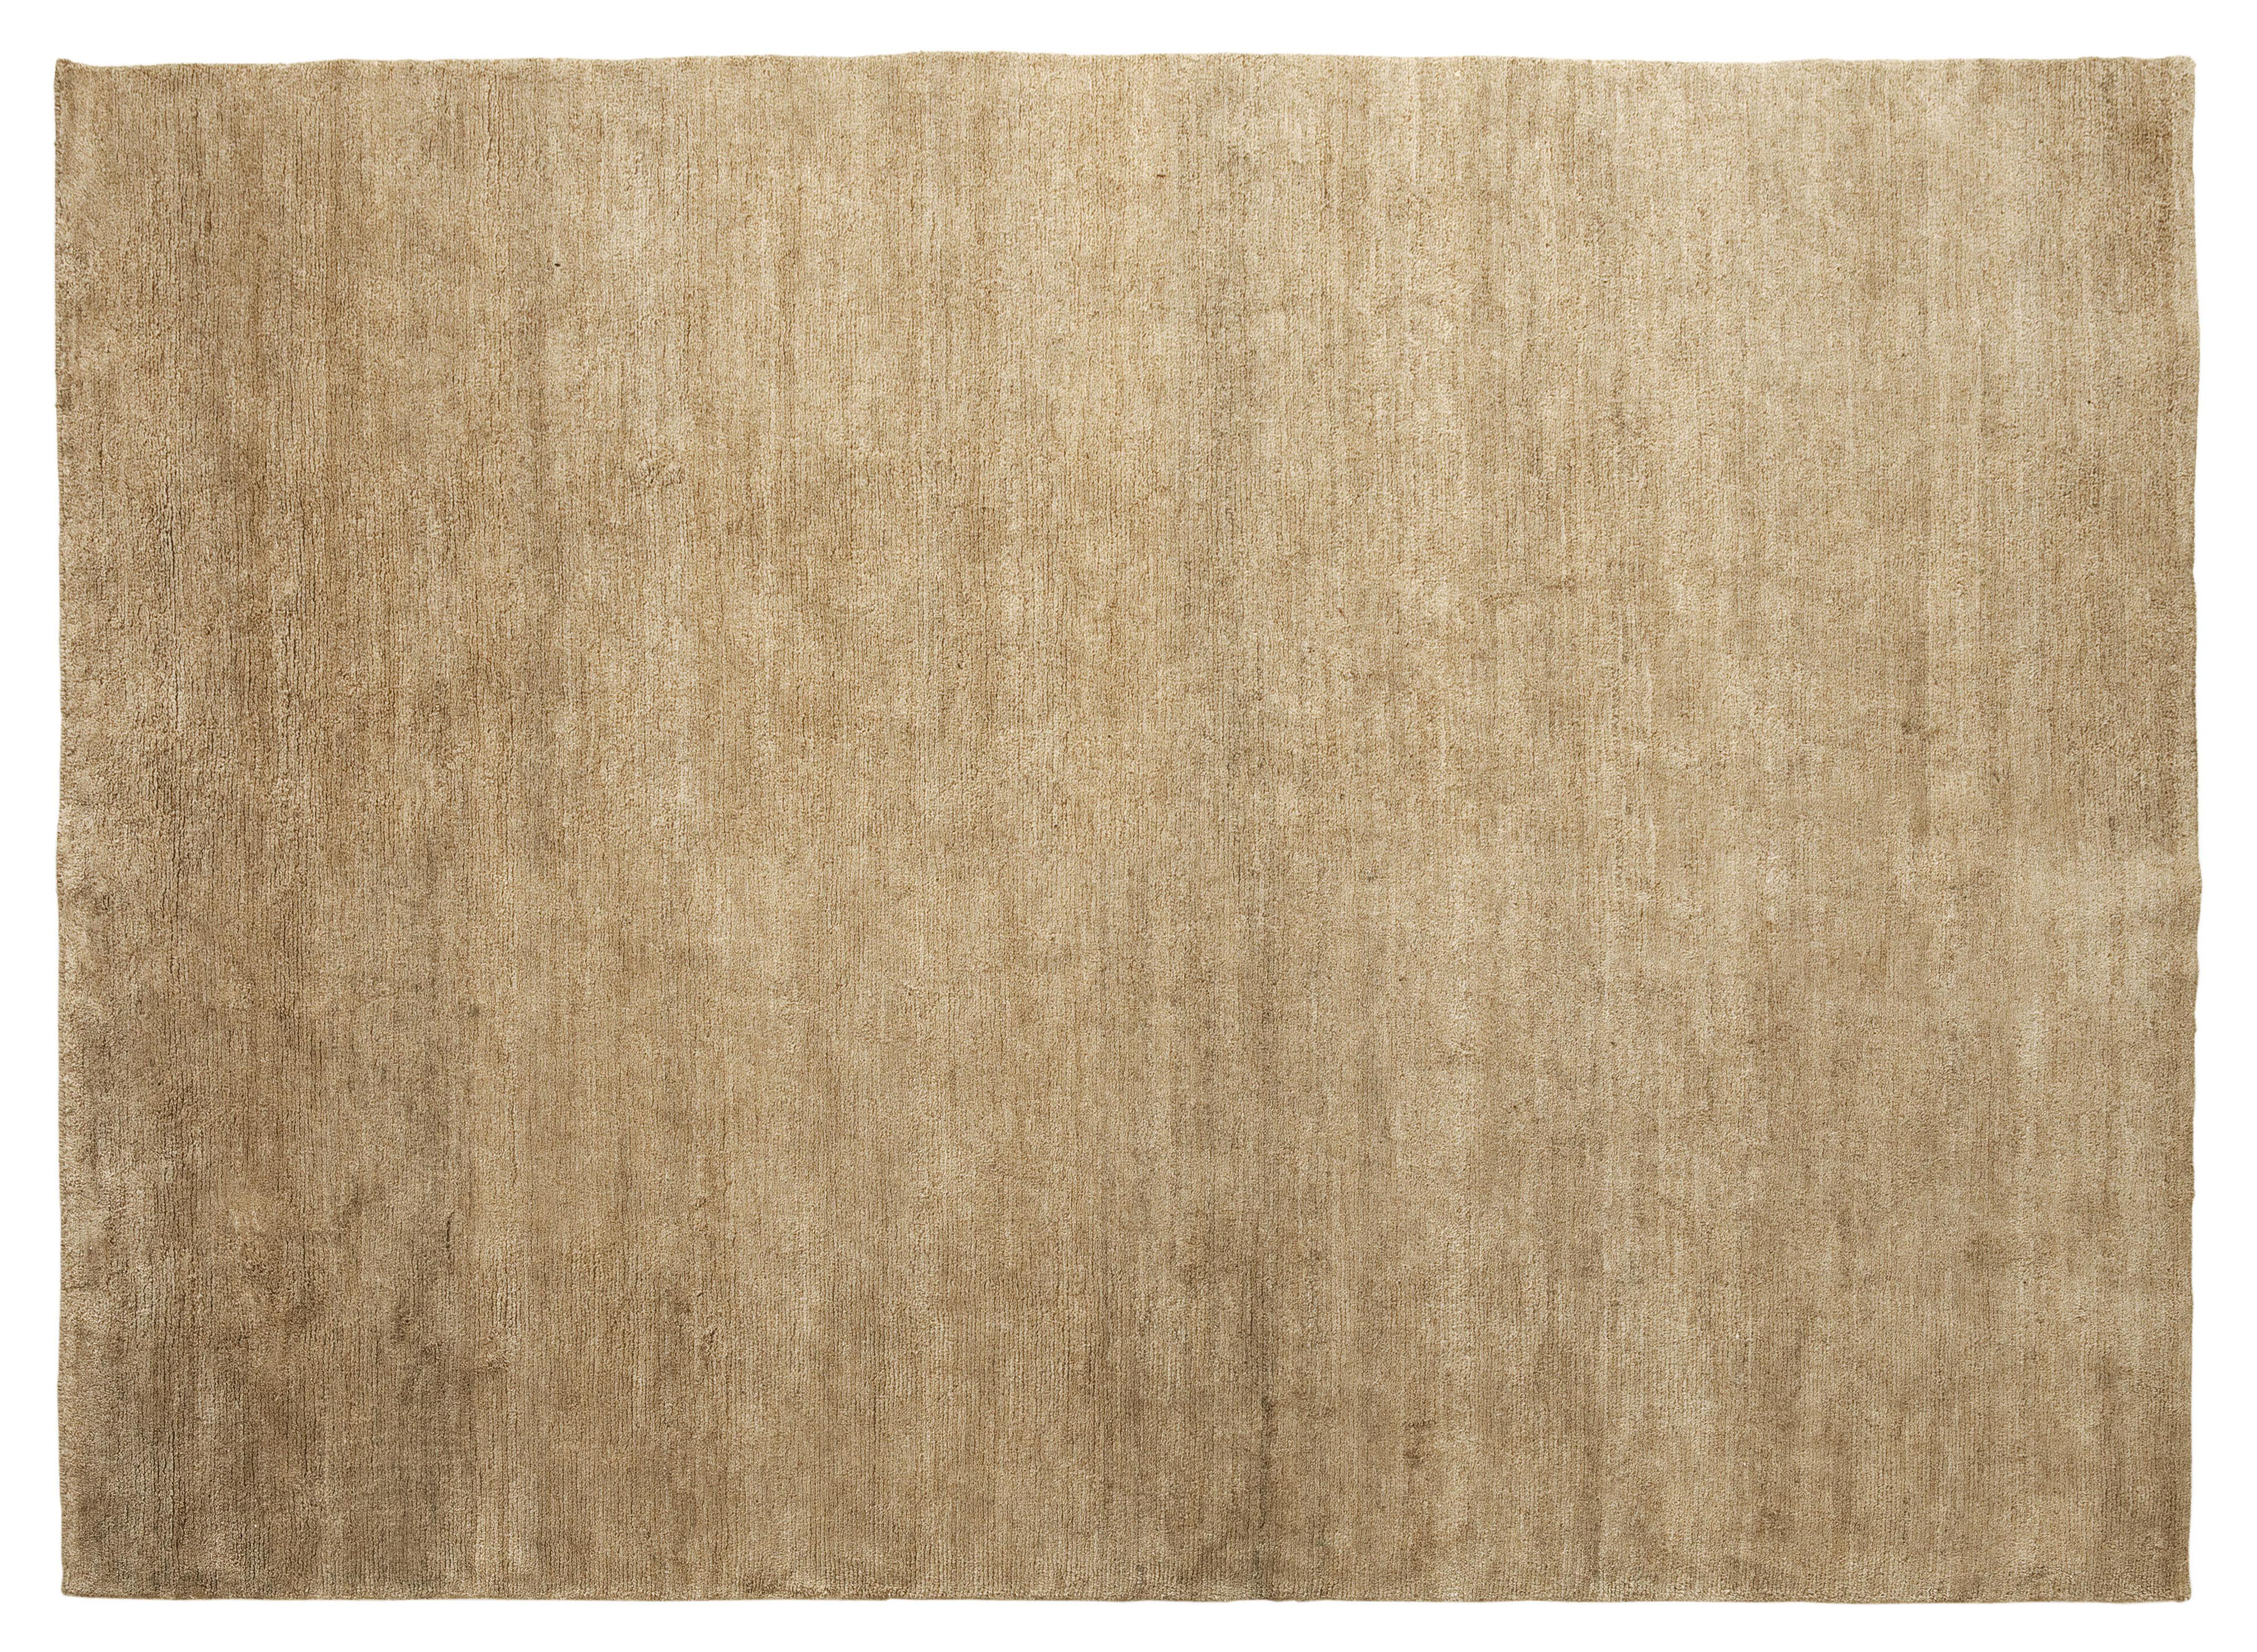 Dekoration - Teppiche - Natural Nettle Teppich aus Brennnesselfasern - 170 x 240 cm - Nanimarquina - Natur - Ortie